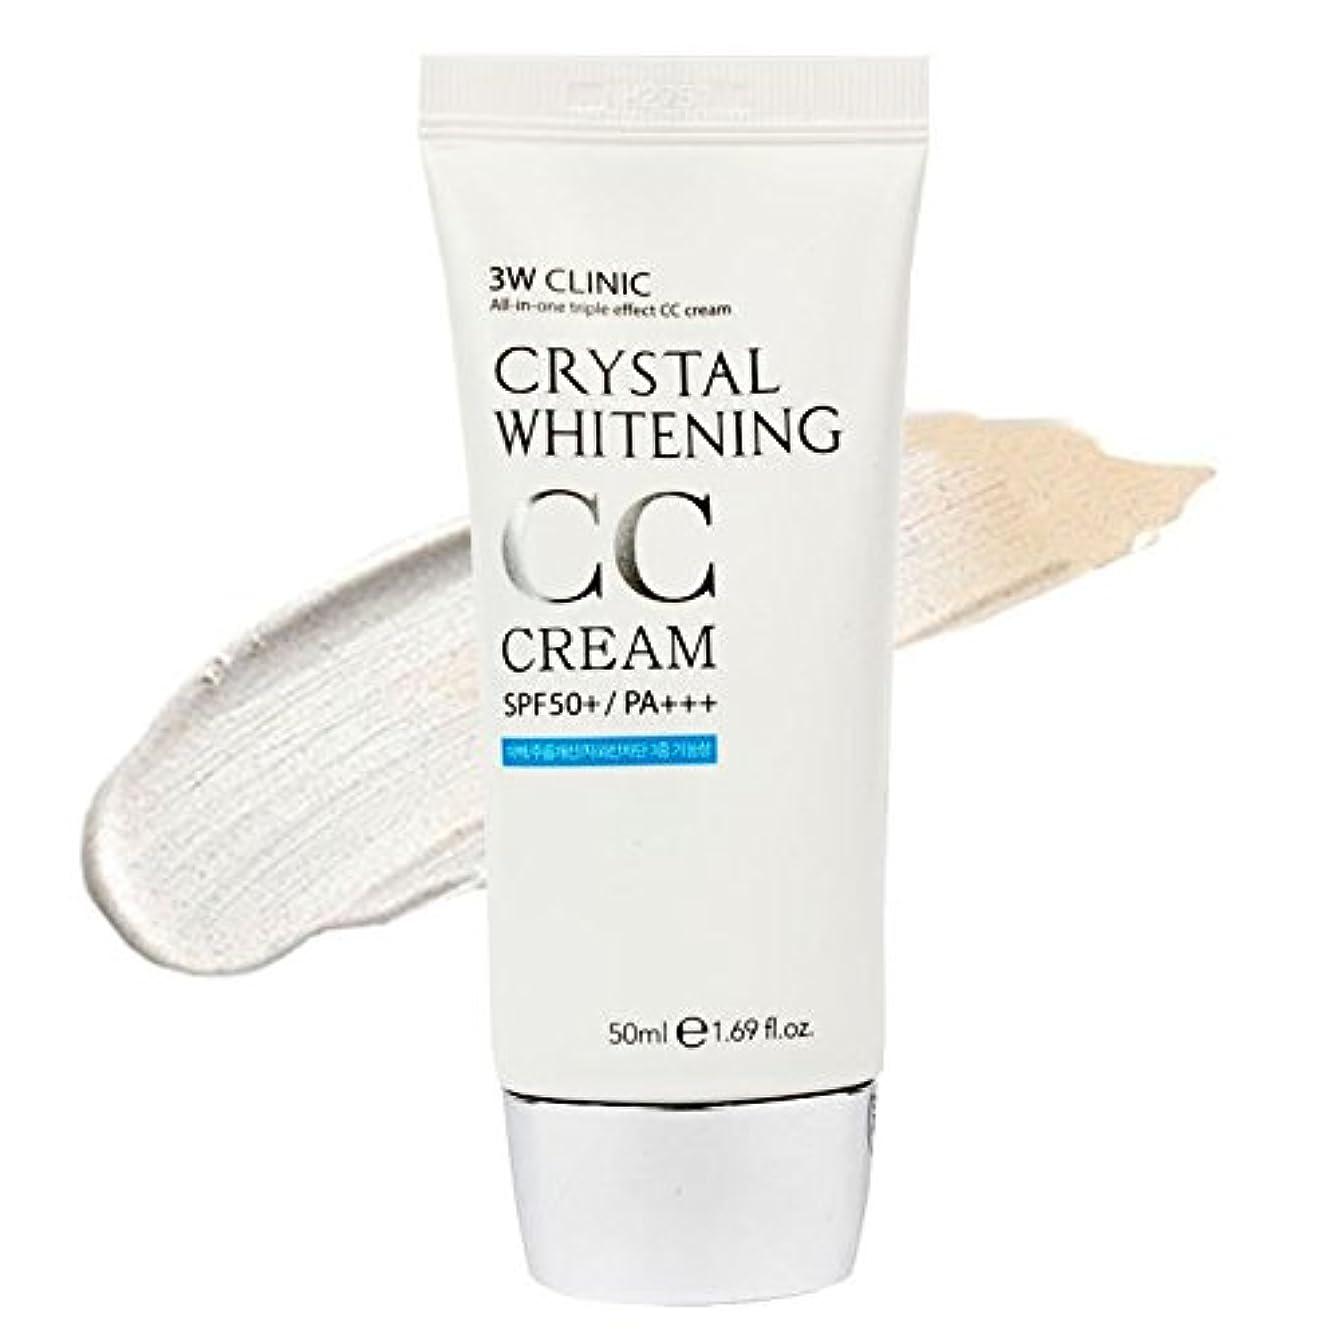 凶暴なパキスタン人飢え3Wクリニック Crystal Whitening CC Cream SPF 50+/PA+++ - #01 Glitter Beige 50ml/1.69oz並行輸入品